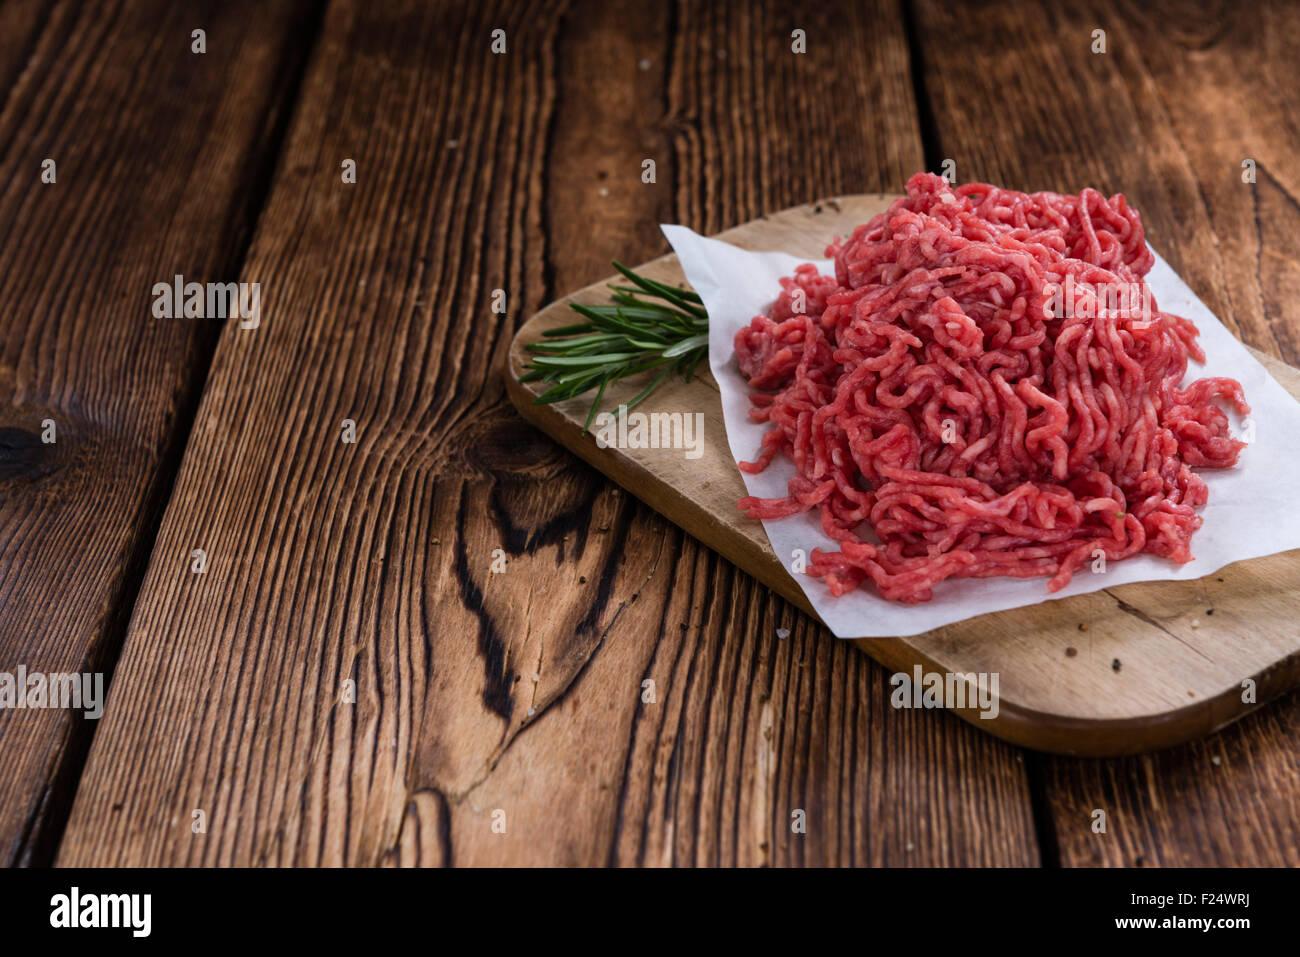 Portion gehackte Fleisch auf einem alten Holztisch (close-up erschossen) Stockbild